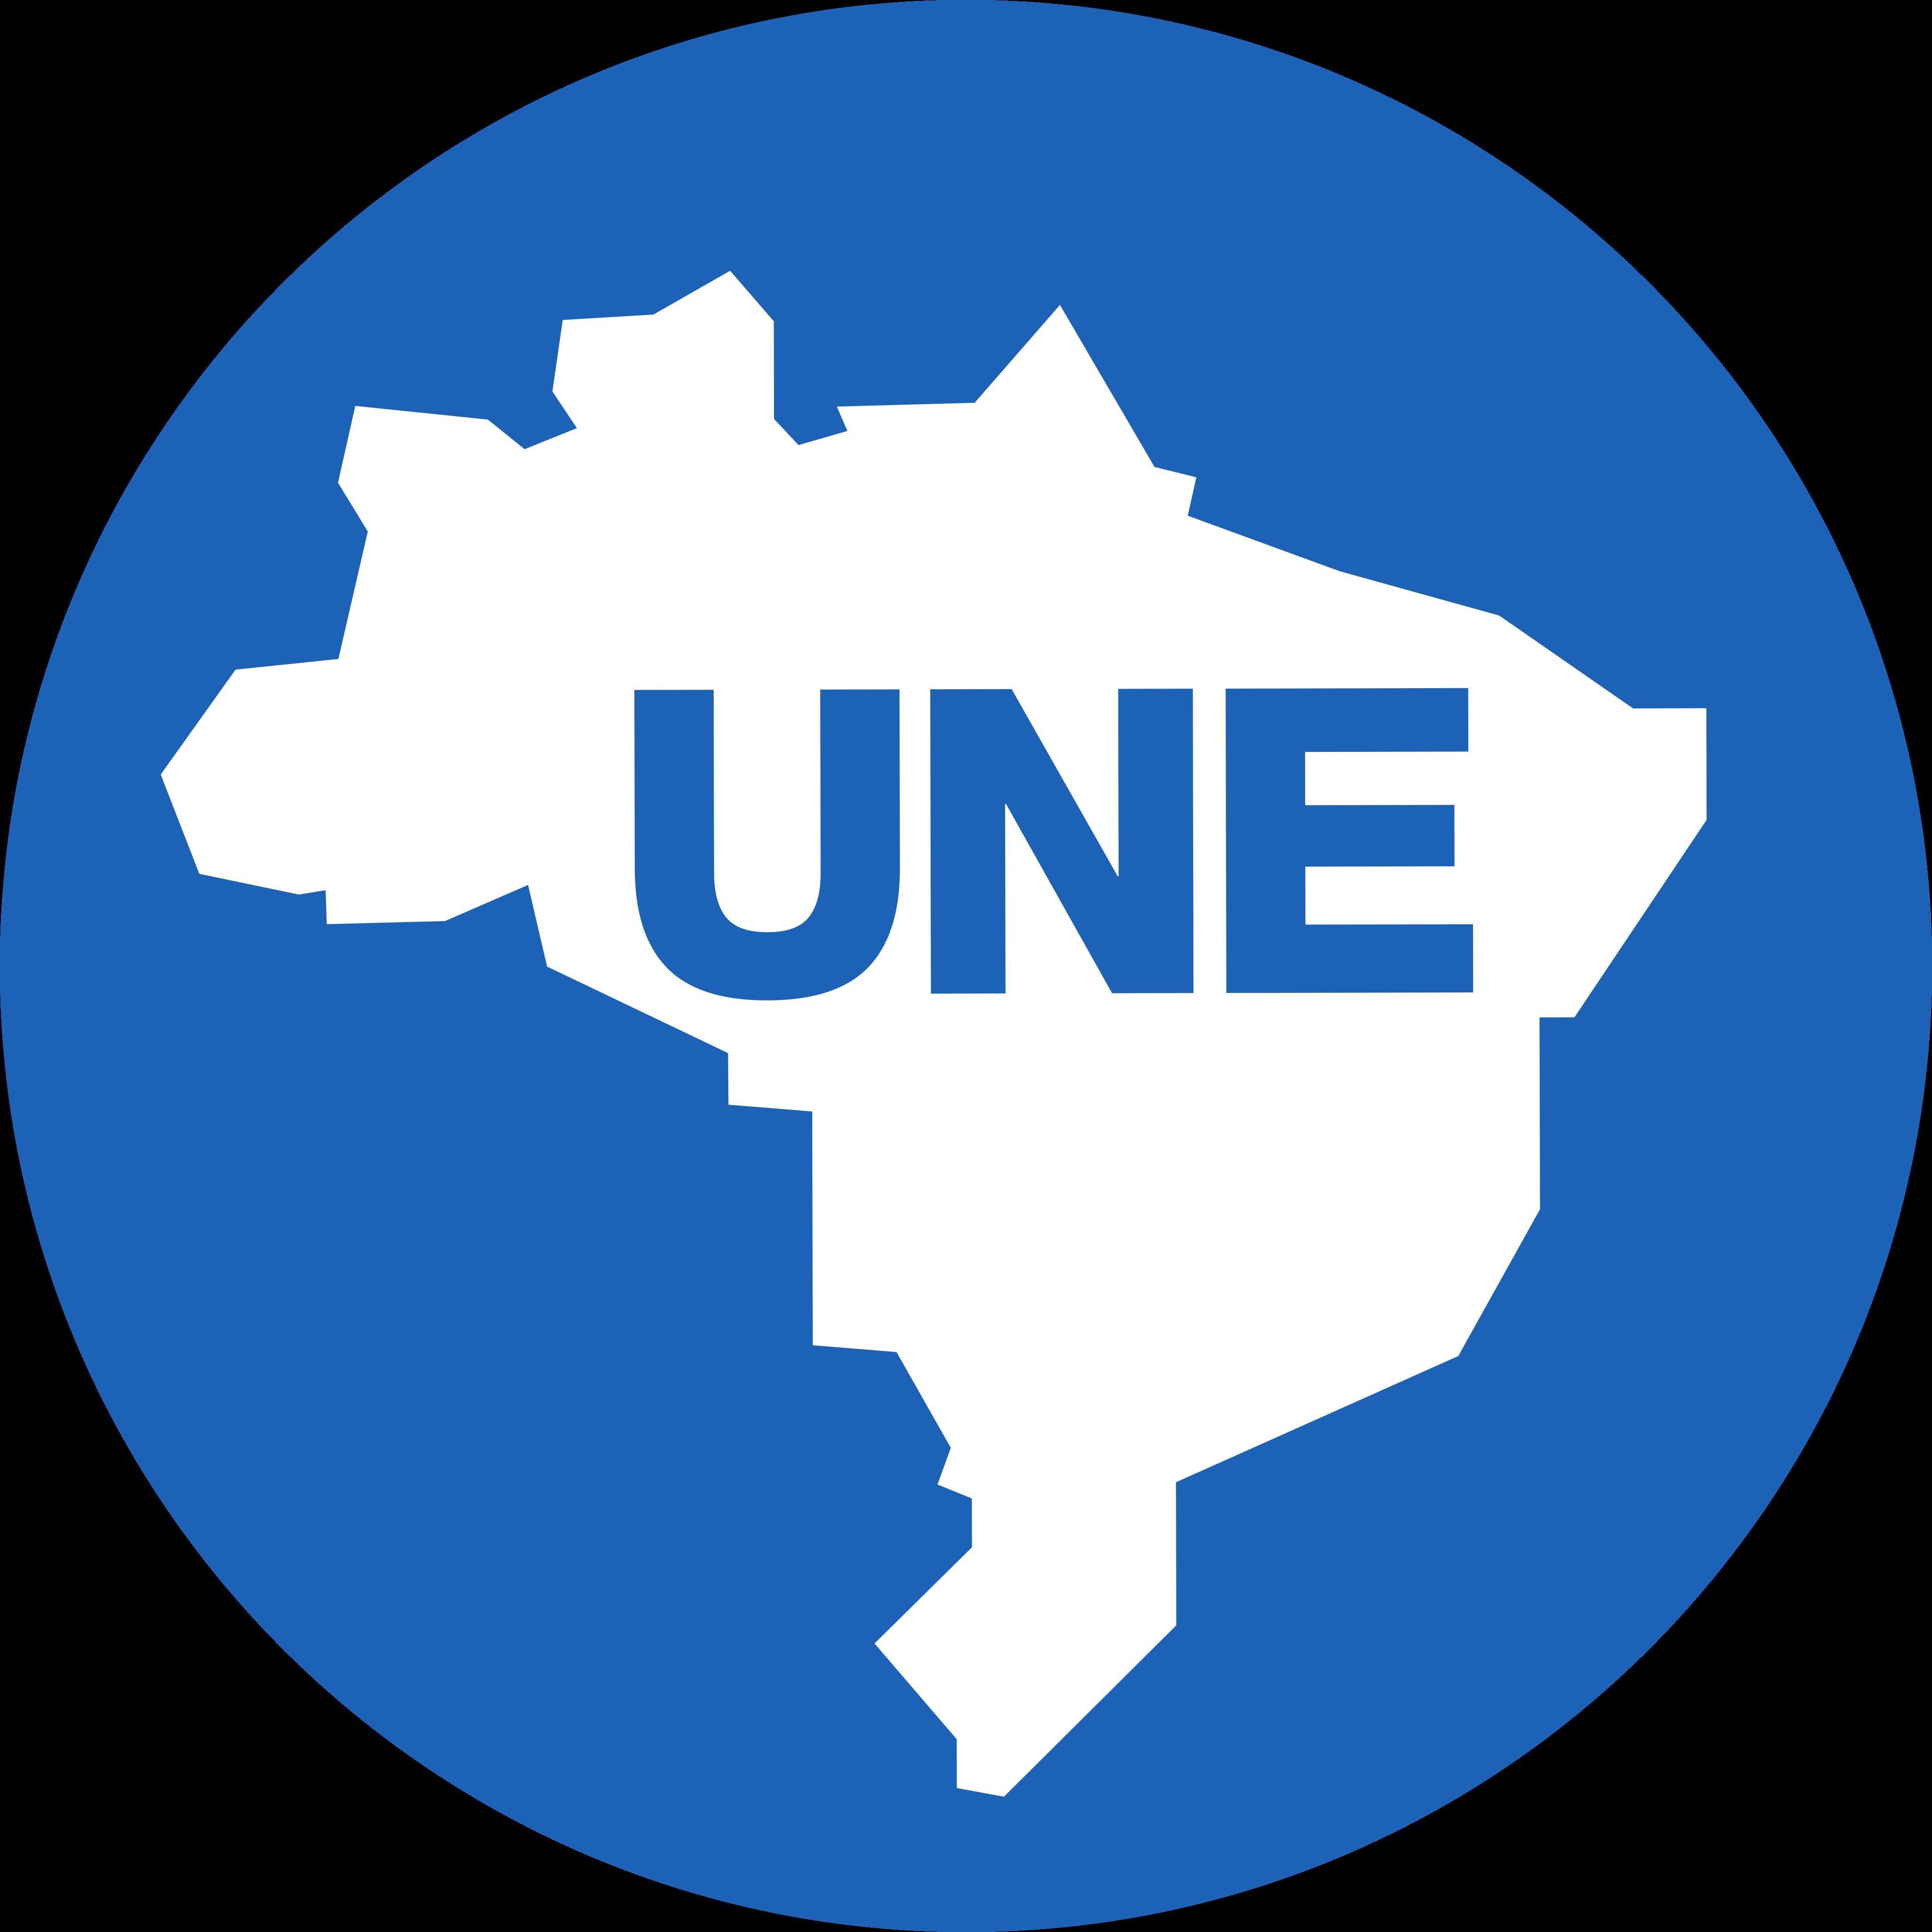 une logo 1 - UNE Logo - União Nacional dos Estudantes